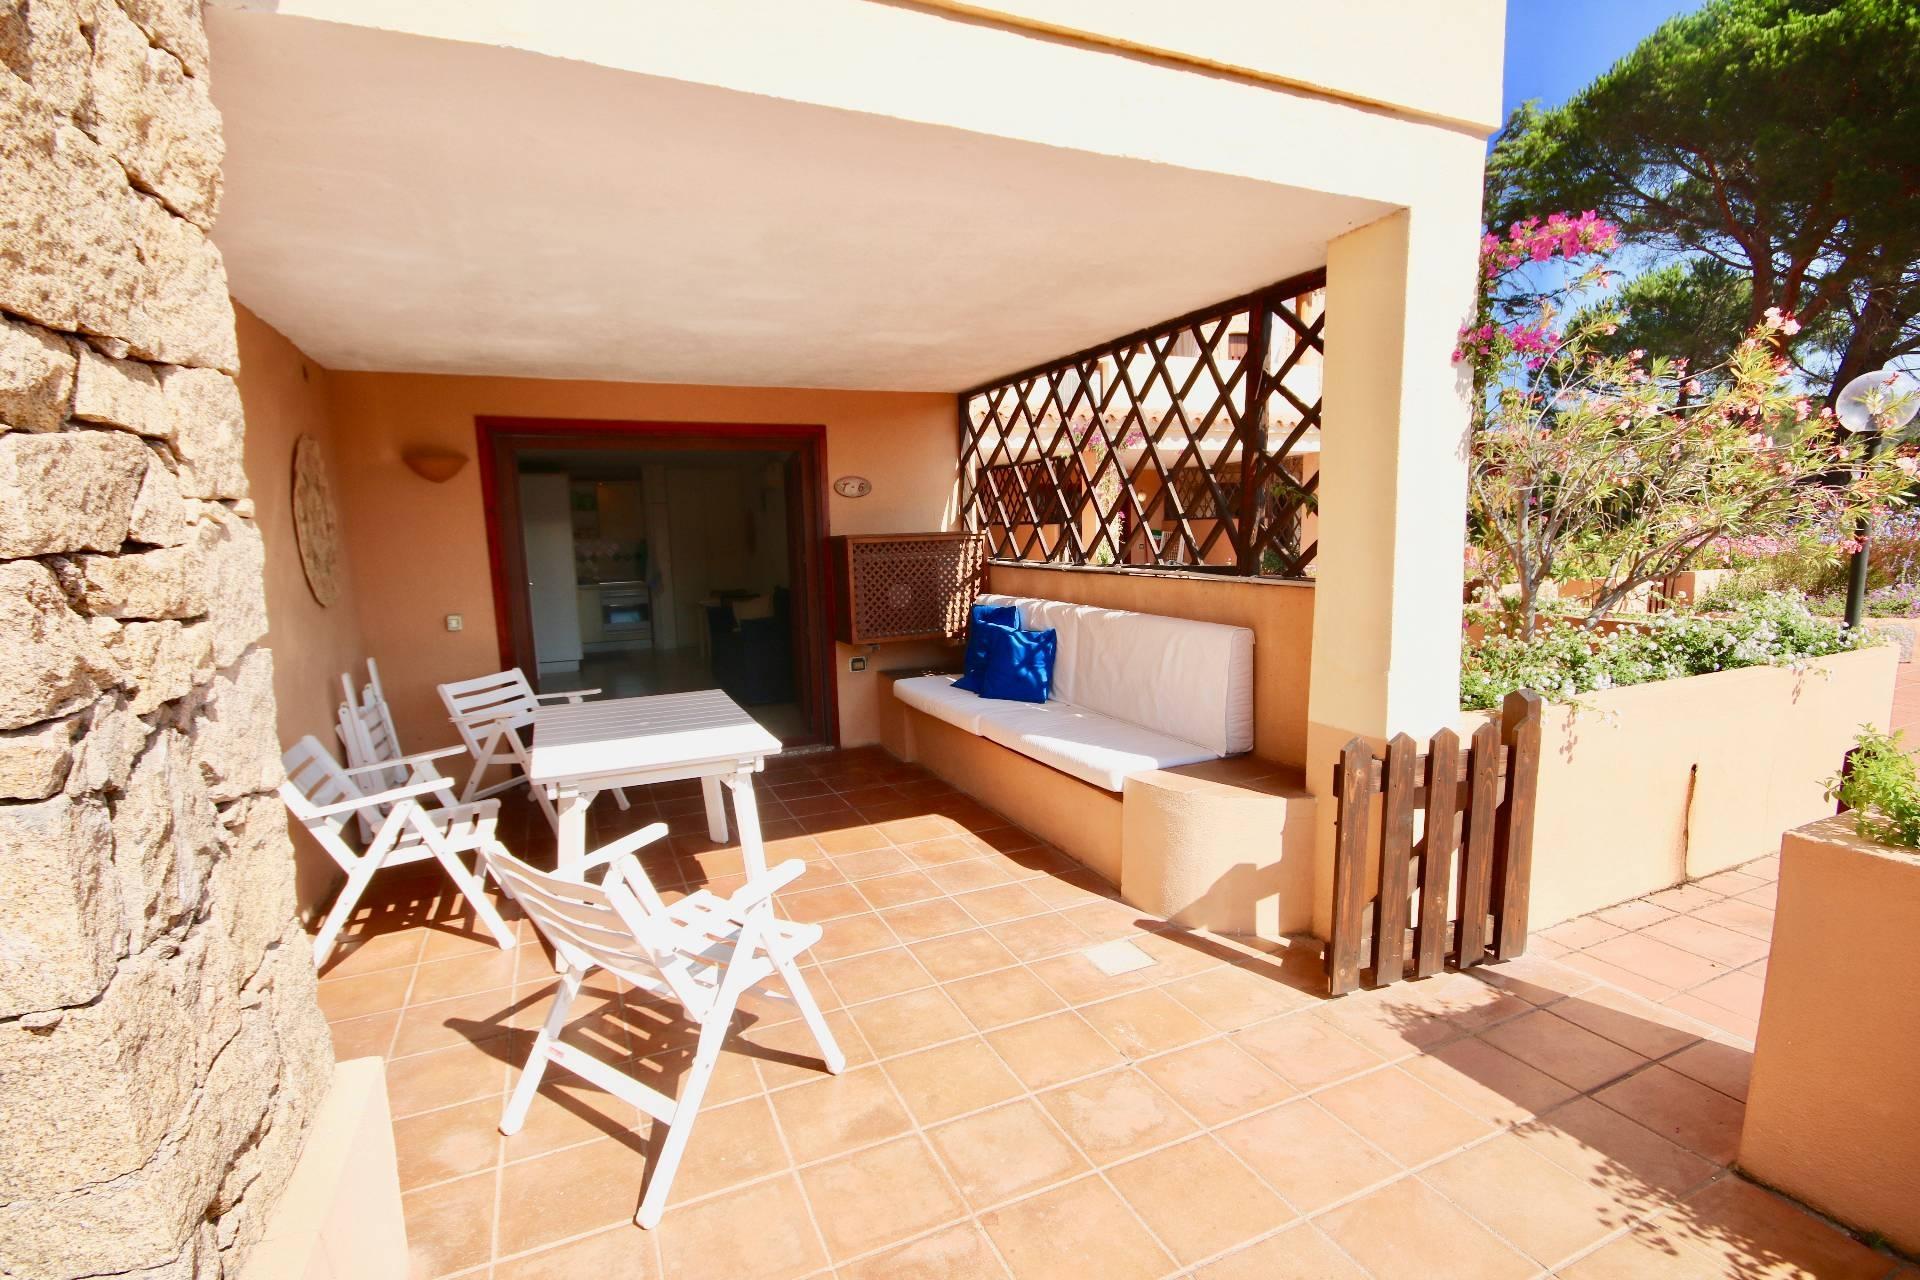 cbi040-775-pc2001pc - appartamento in vendita a arzachena - porto